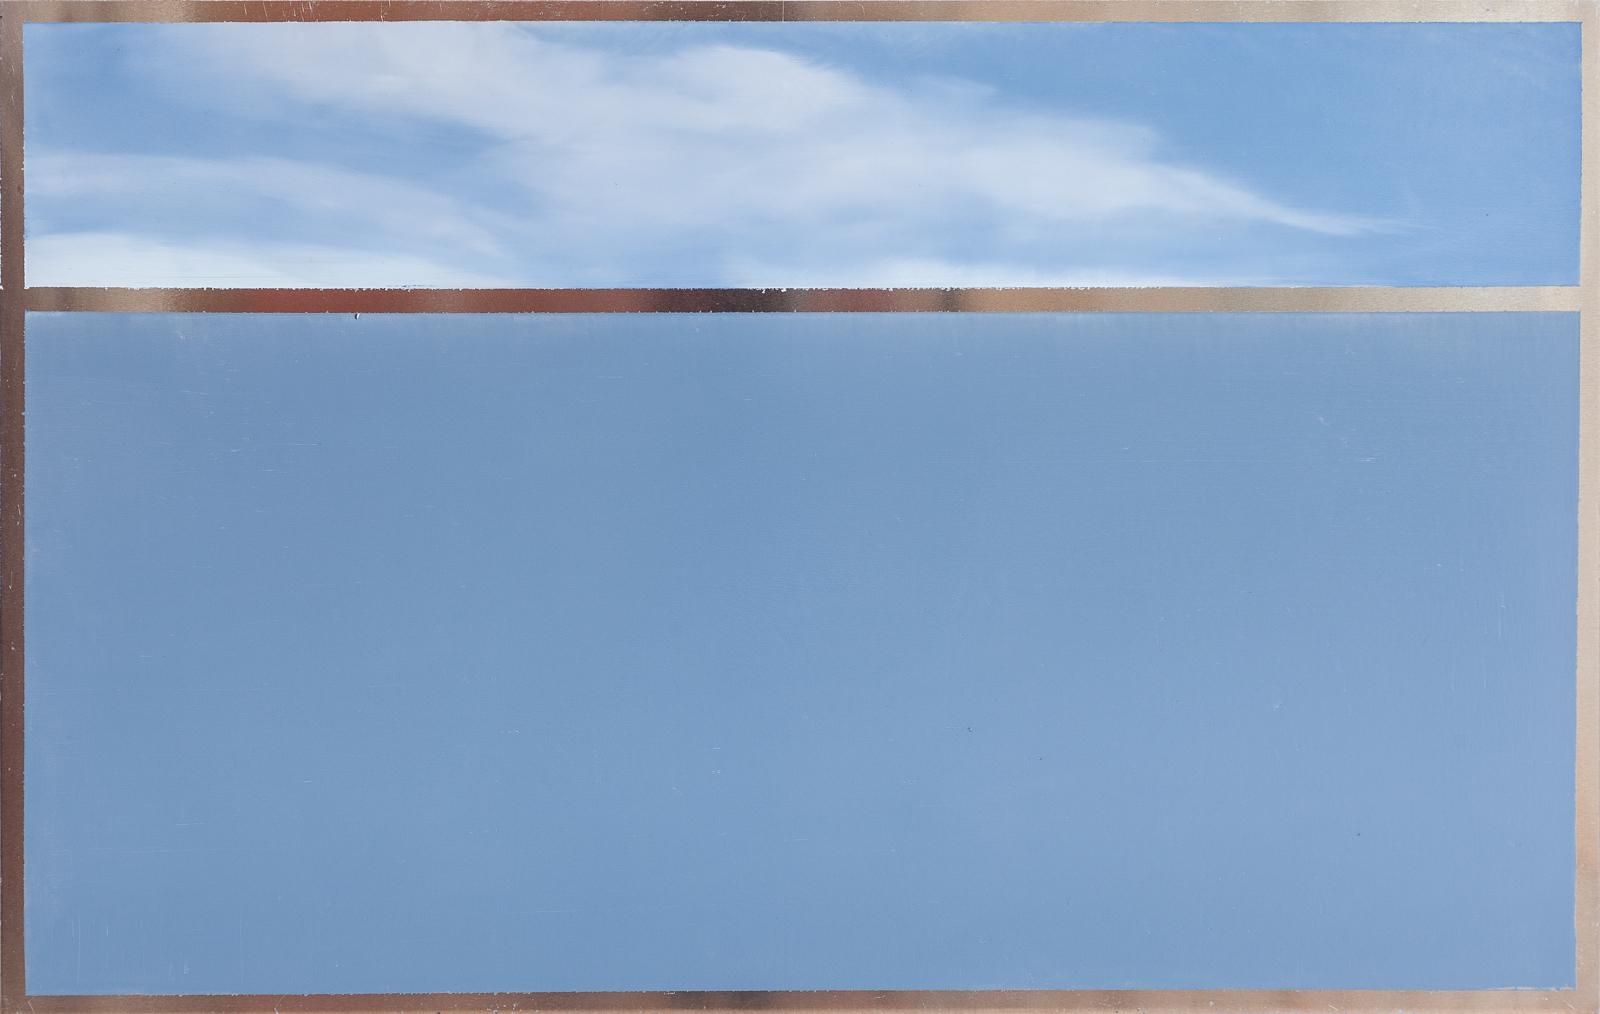 Brett_Weir_Paintings_Hirschengraben_2013-7.jpg